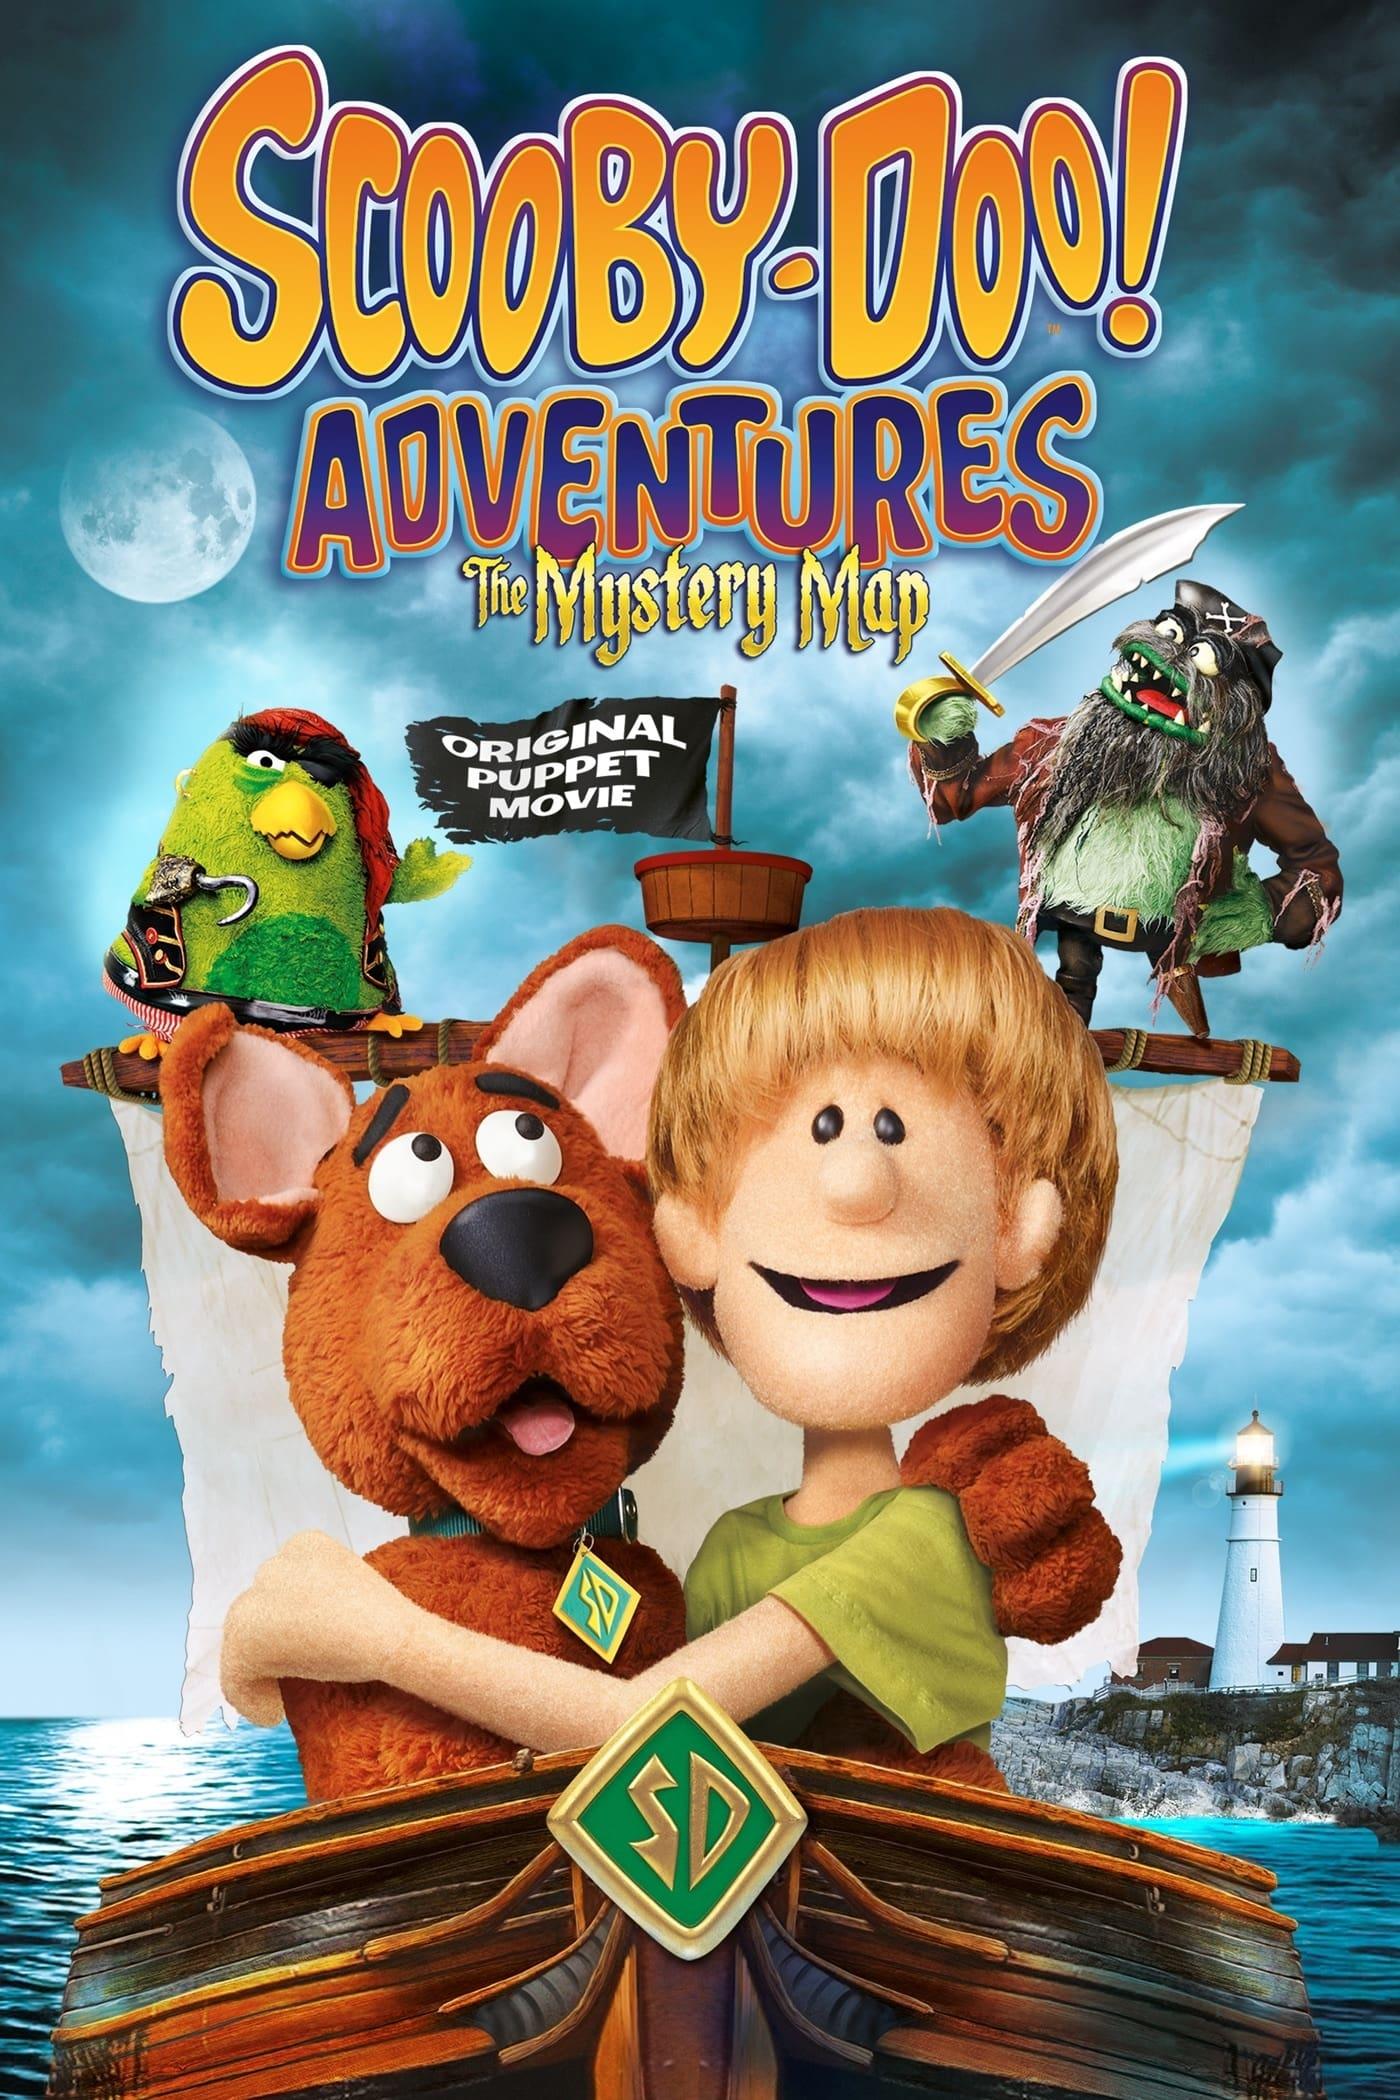 As Aventuras de Scooby: O Mapa Misterioso